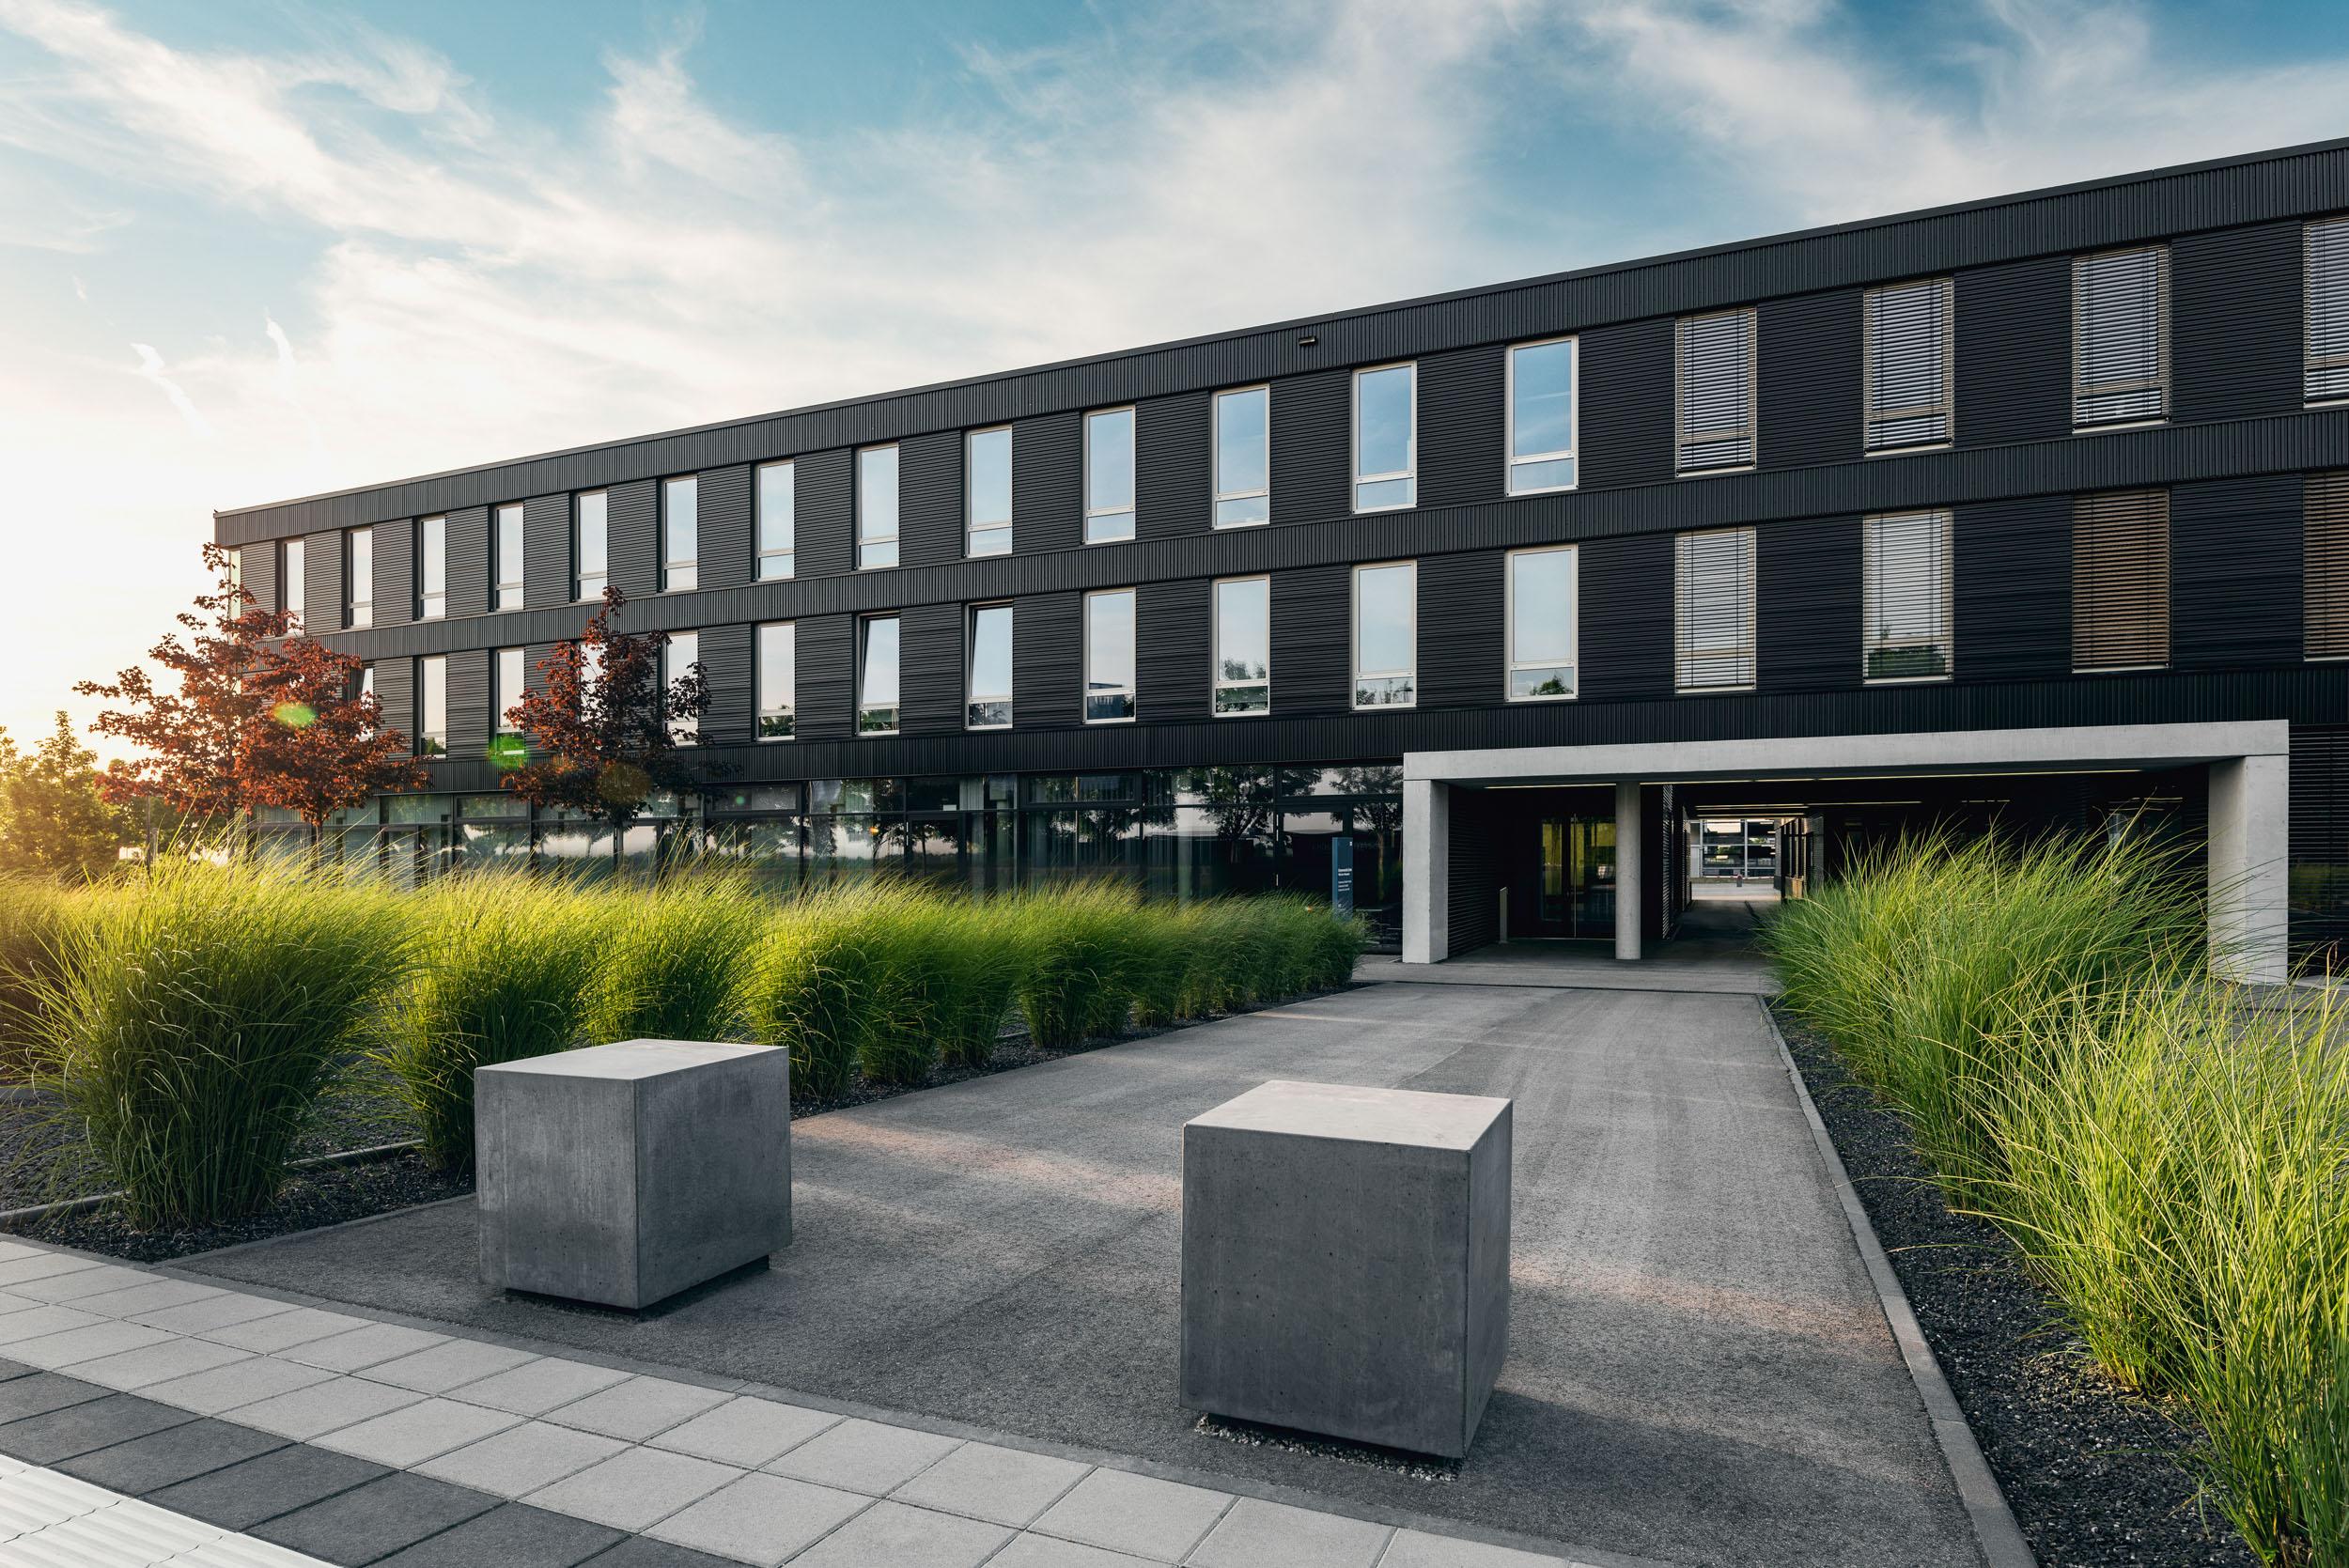 Gustav-Epple-Bauunternehmung-TUM-Campus-München_MLX4208